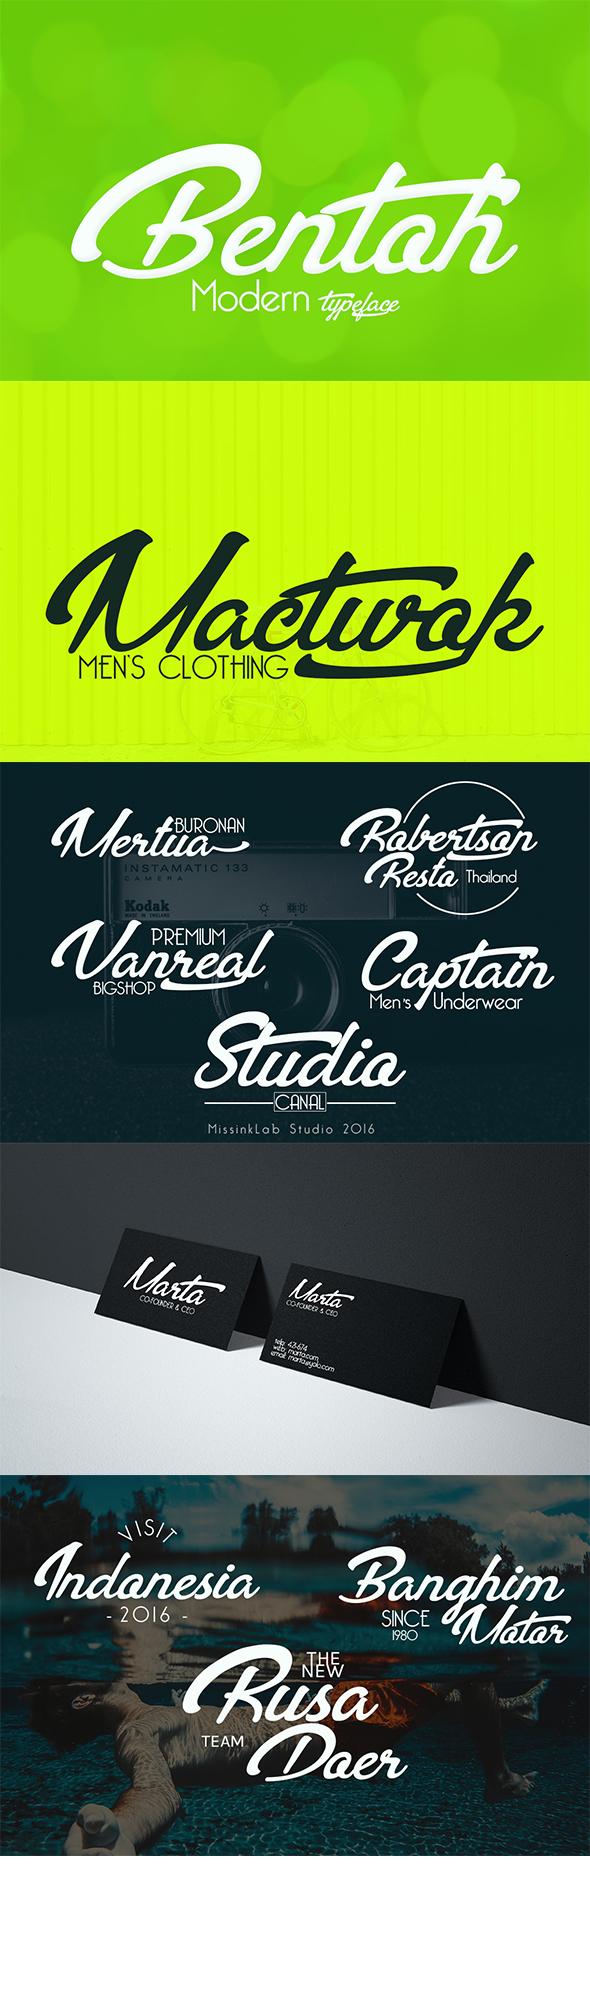 bentoh-modern-typeface